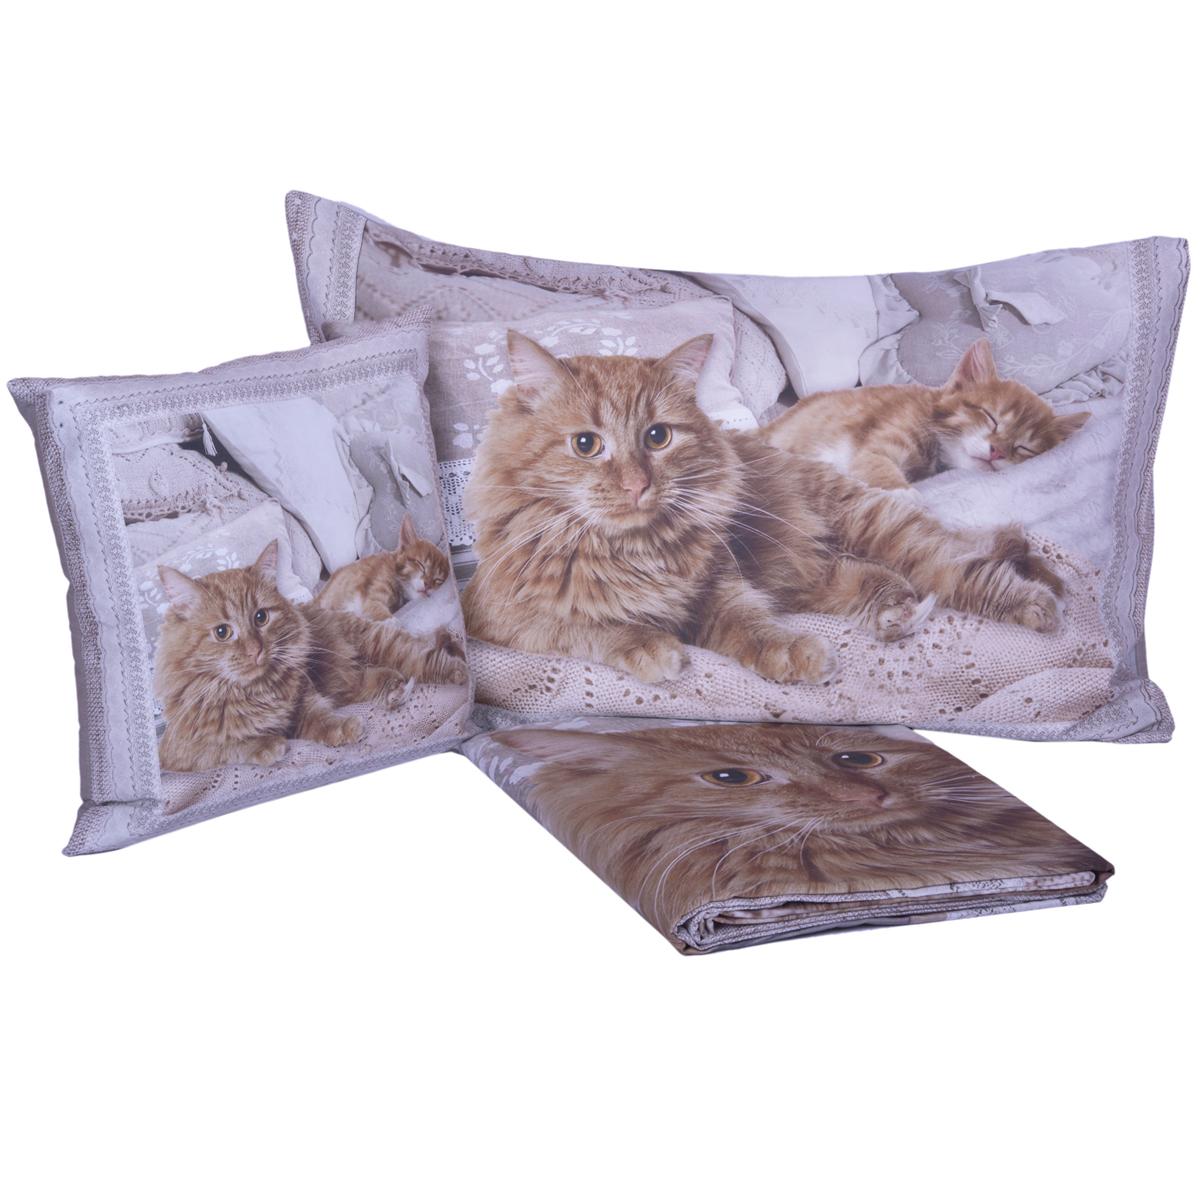 Lenzuola Matrimoniali Con Stampe Animali.Parure Copripiumino Gatti Miao Stampa Digitale In Puro Cotone